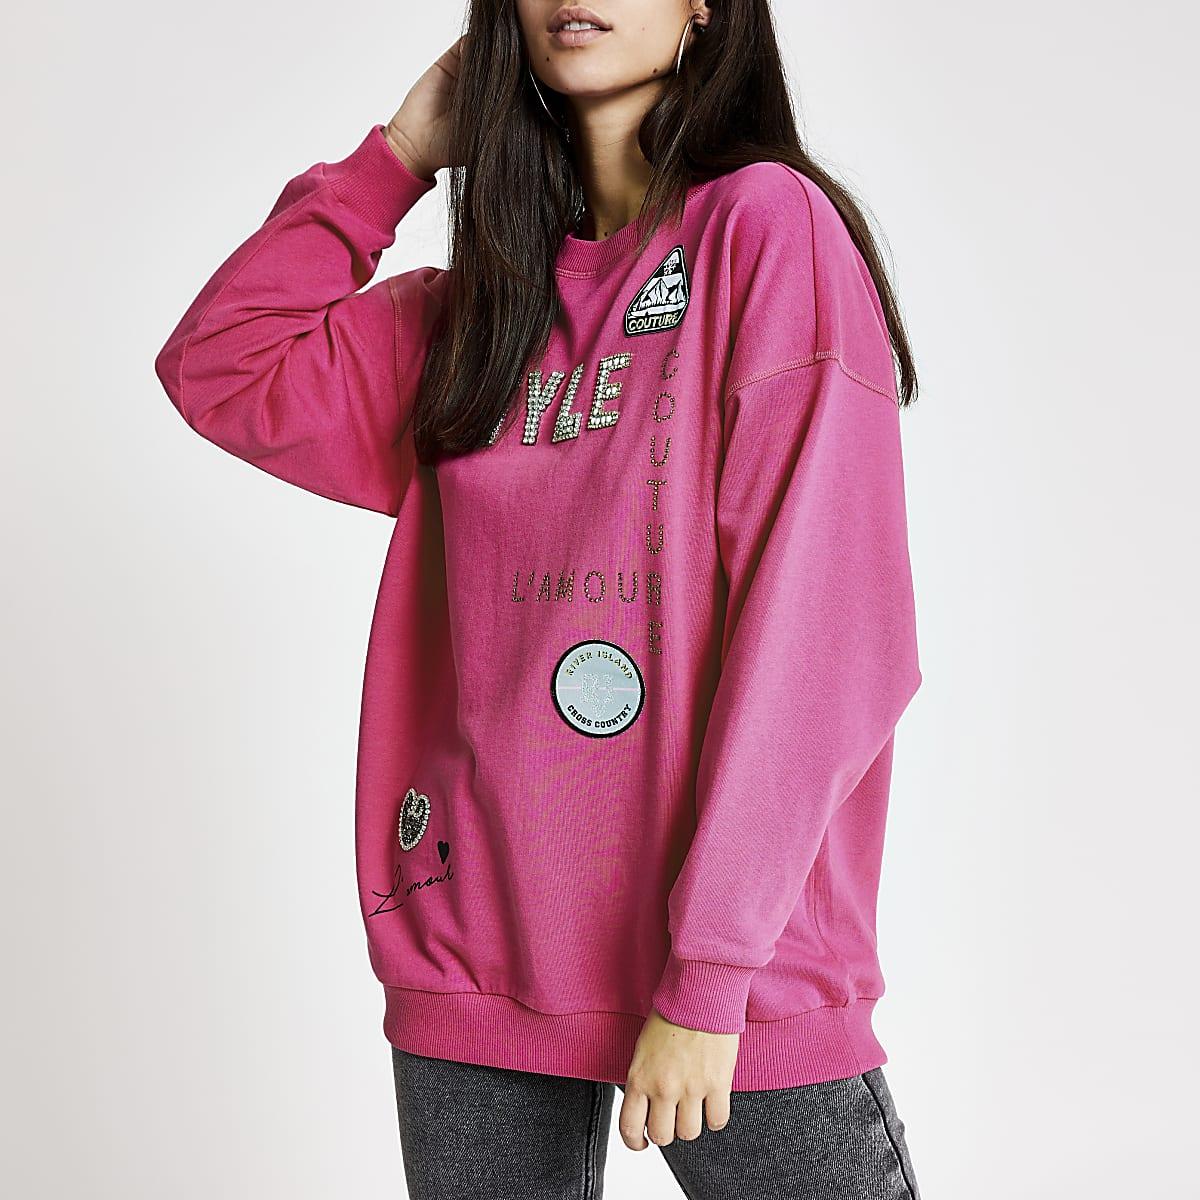 Pink '5TYLE' embellished sweatshirt